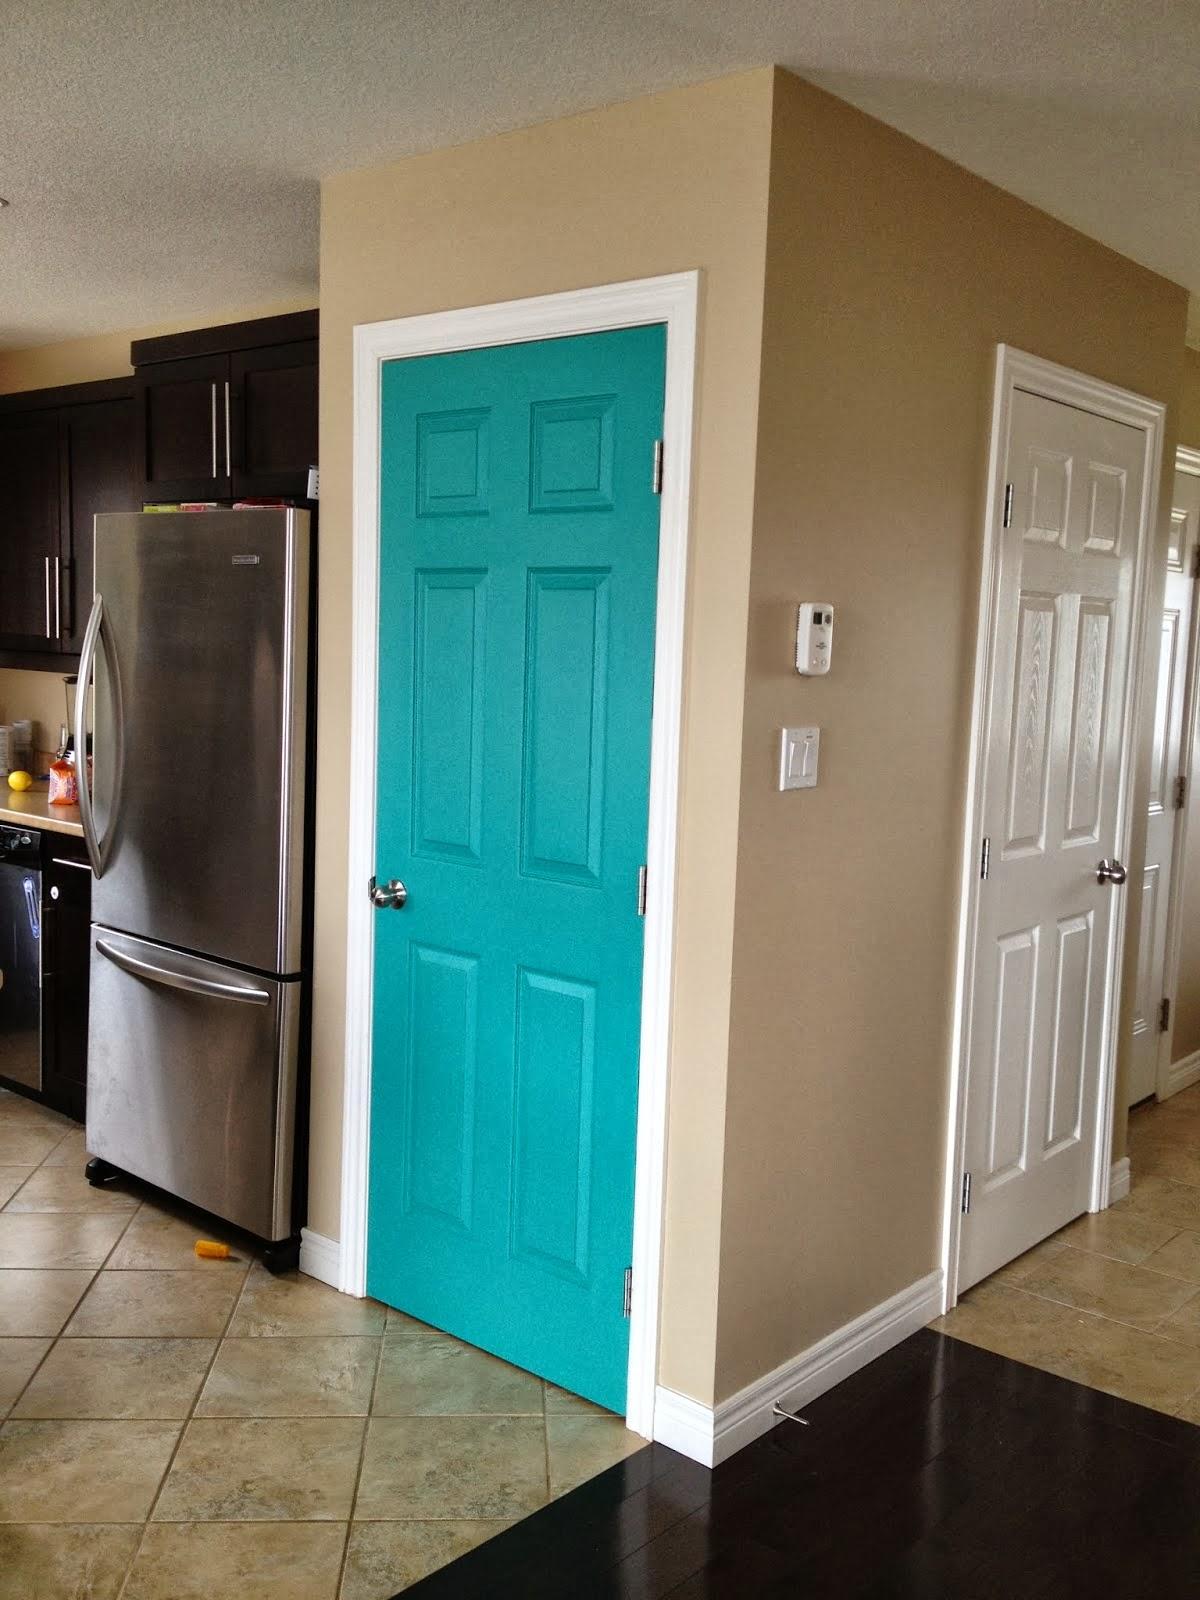 Lil Sprinkles Of Joy Painted Pantry Door